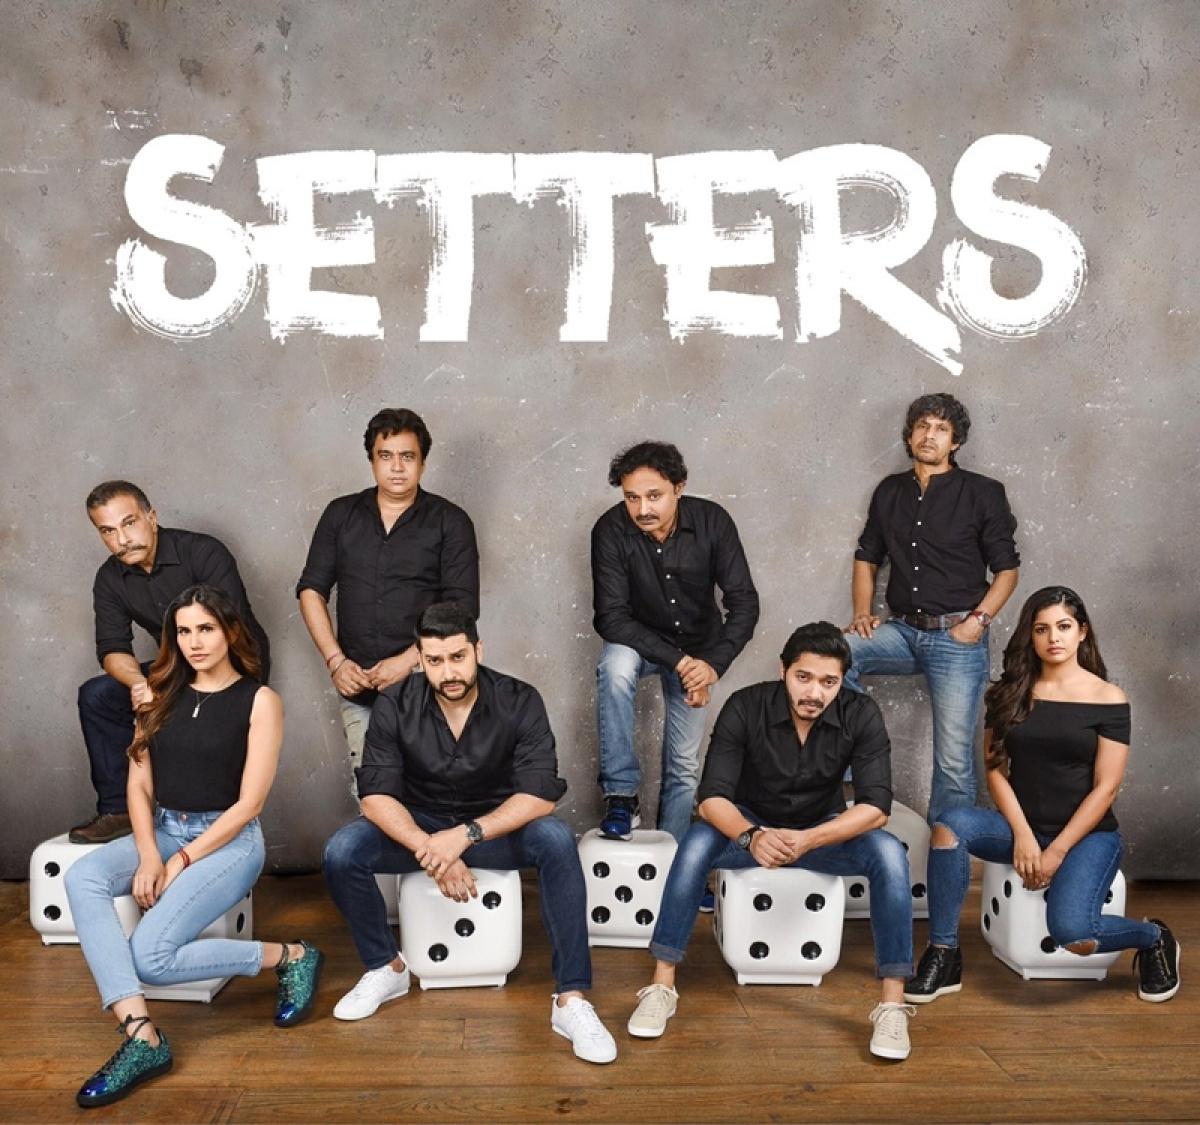 'Setters' First Look! Shreyas Talpade, Aftab Shivdasani, Ishita Dutta, Sonnalli Seygall in black and dicey avatars